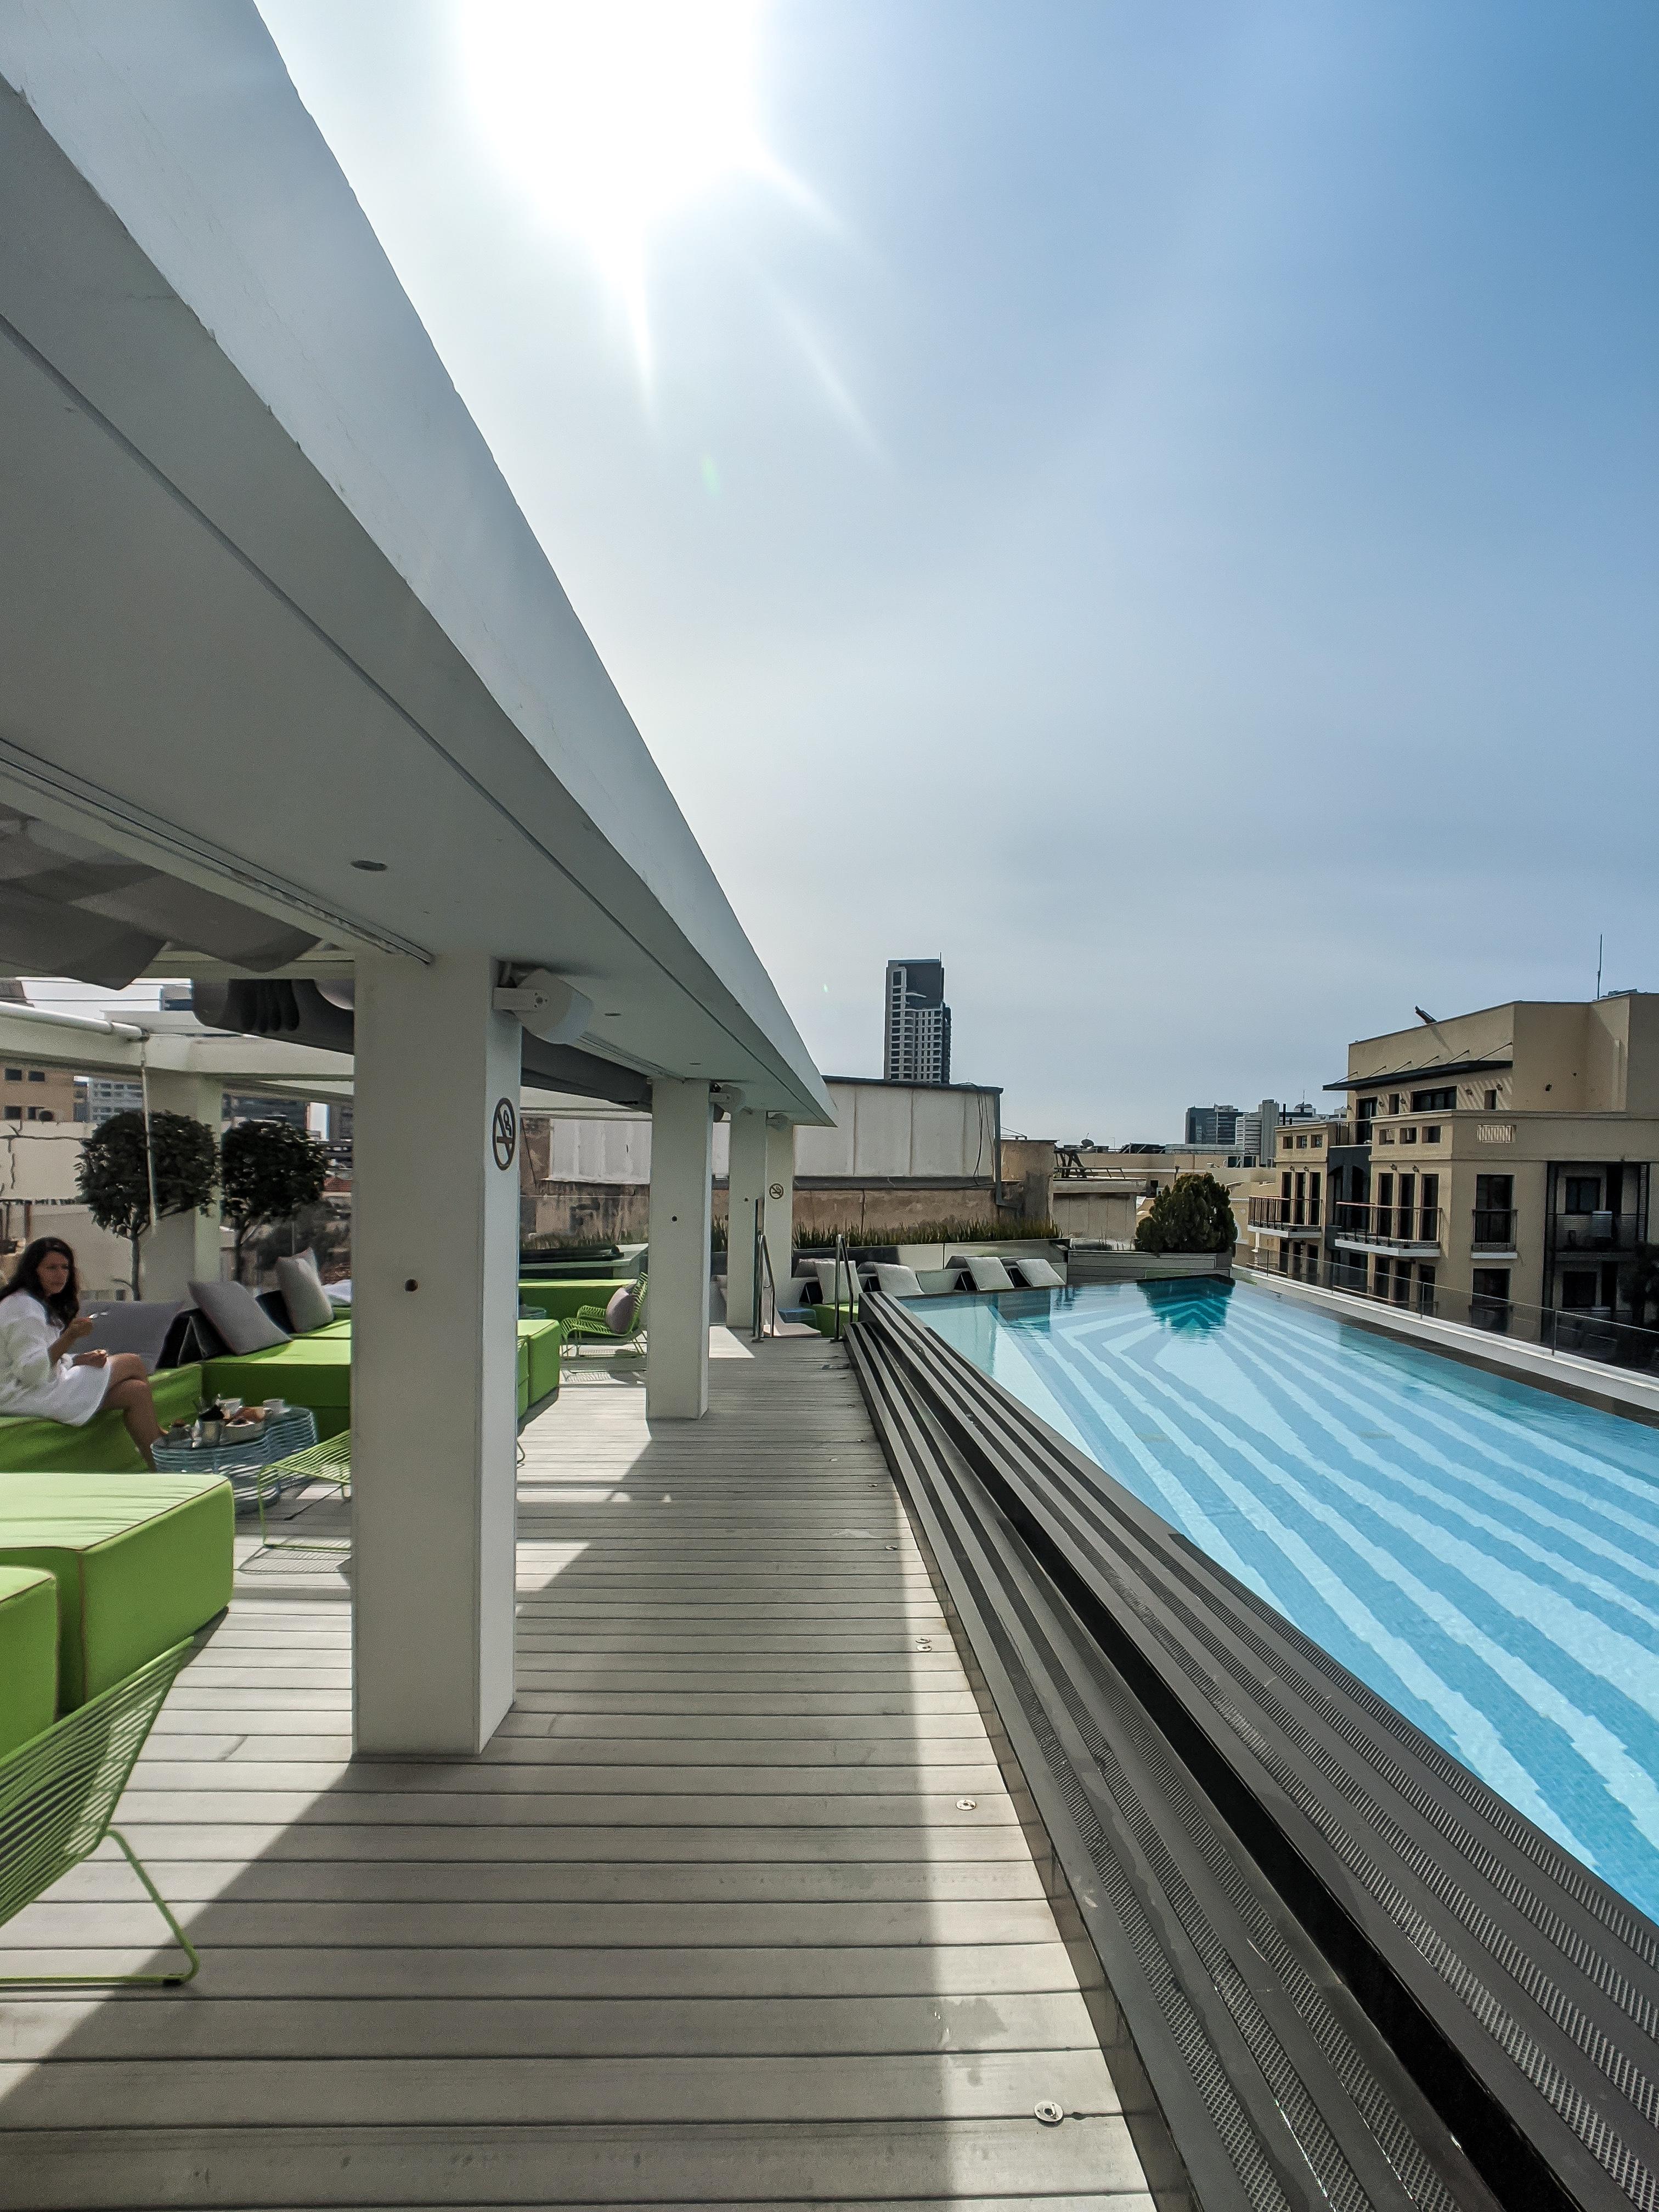 יום פינוק במלון פוליהאוס תל אביב